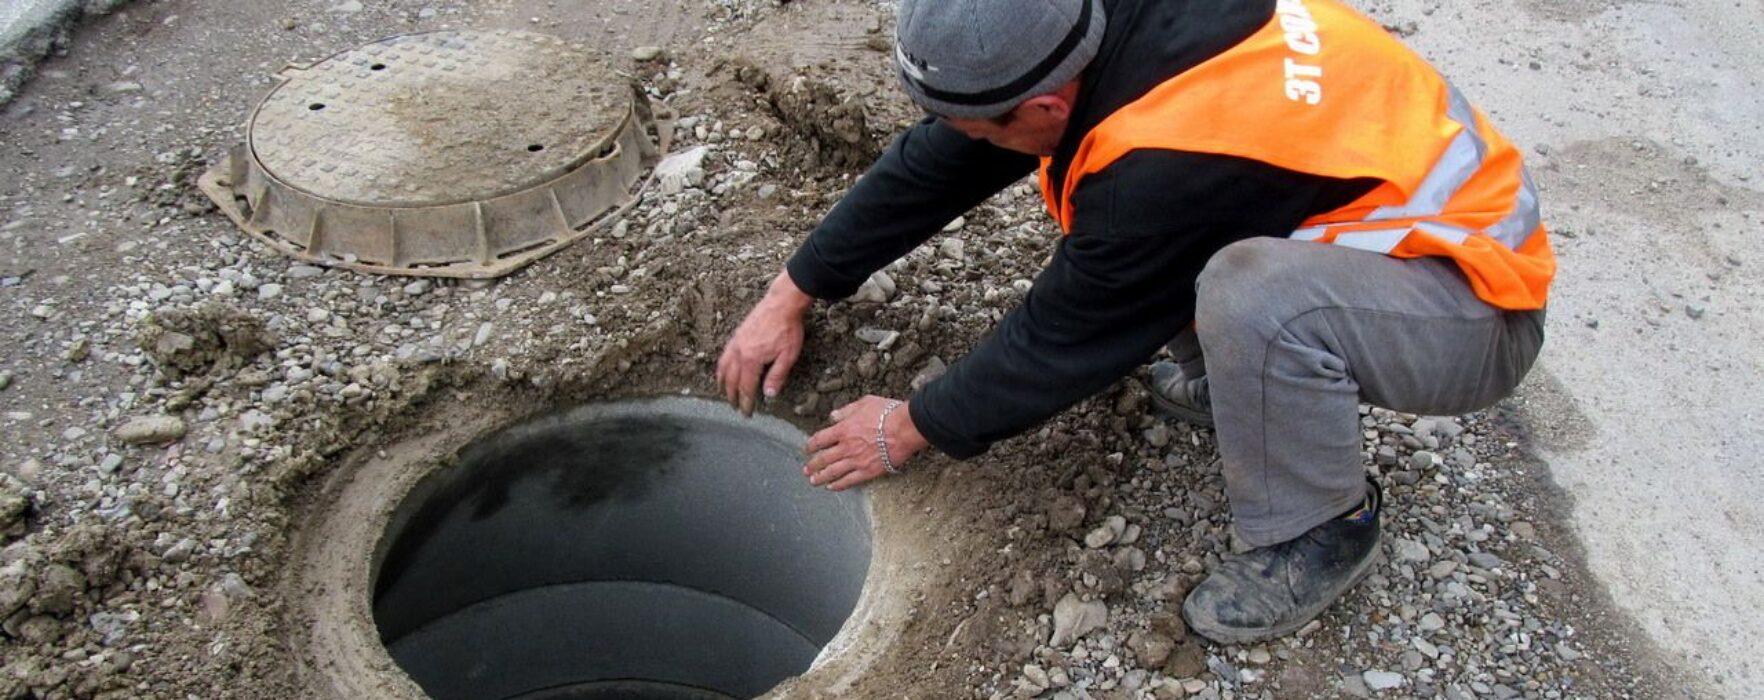 Mai puţin de jumătate dintre localităţile din Dâmboviţa au sisteme de canalizare